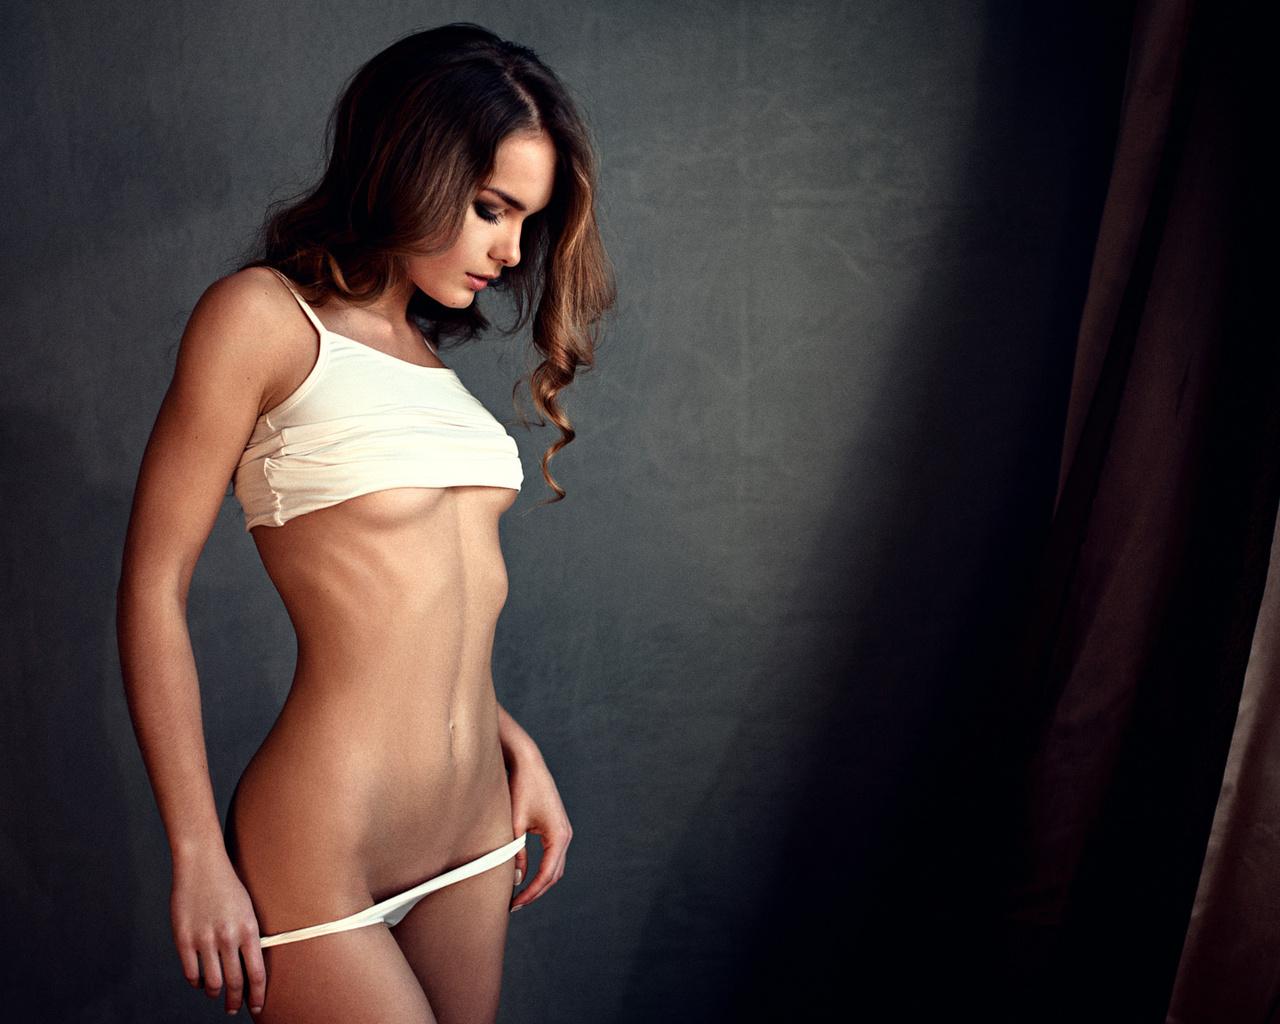 Самые красивые тела телки, Порно онлайн: Красивое тело - смотреть бесплатно 23 фотография